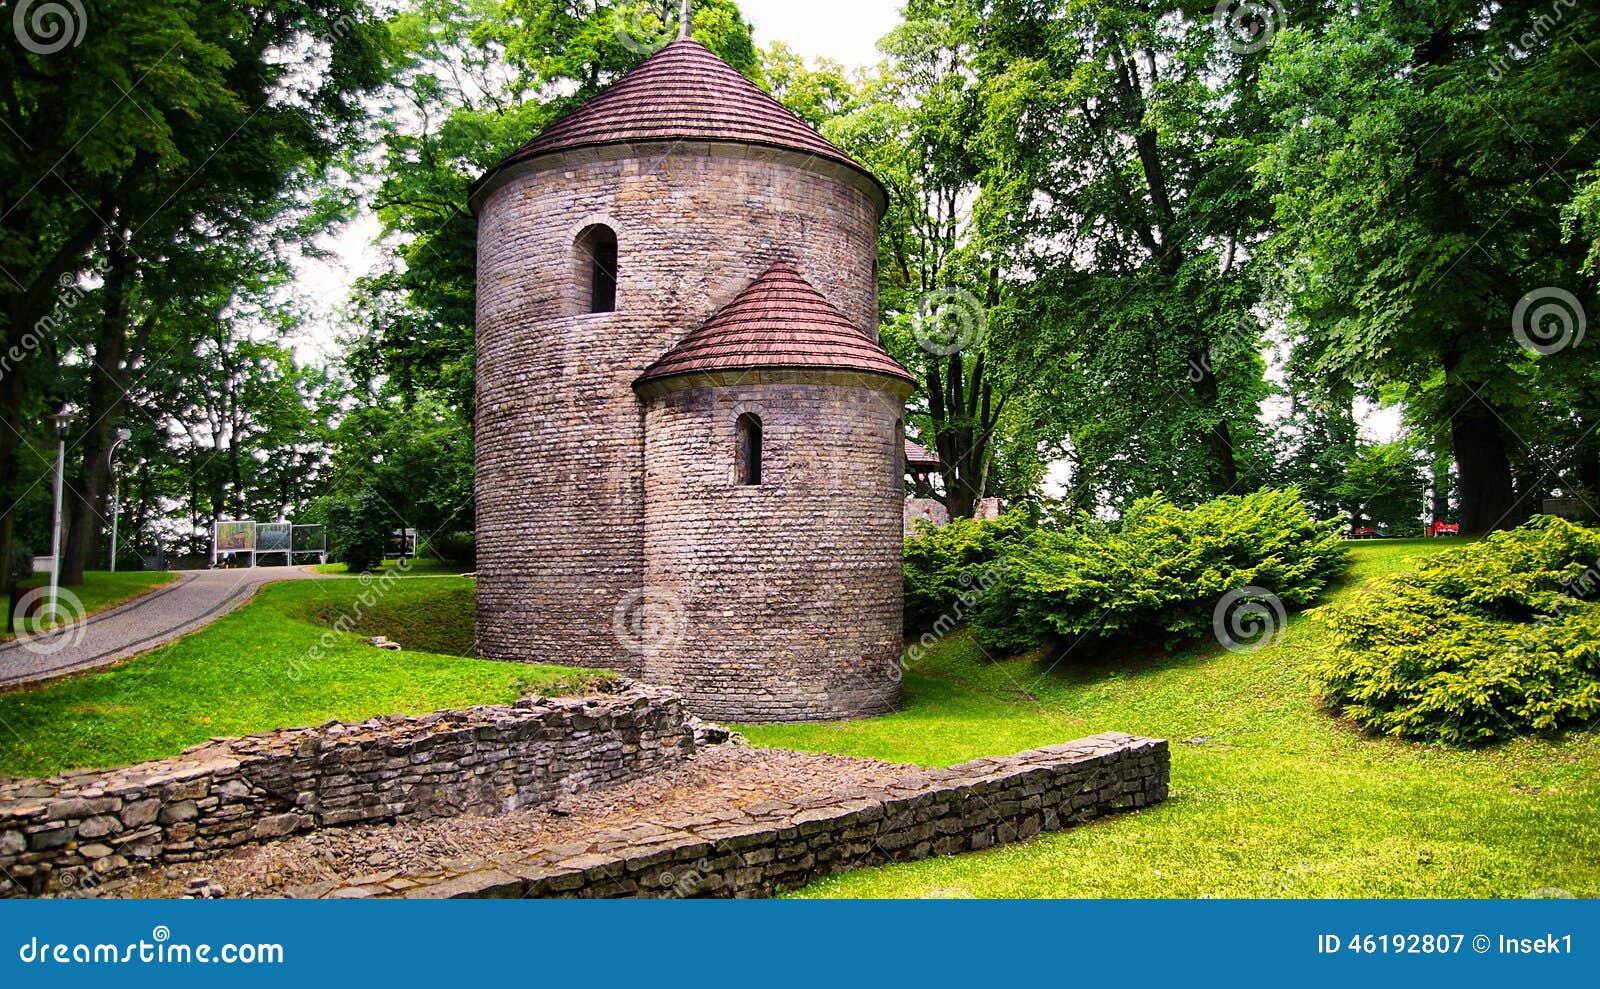 Romanesque Rotunda on Castle Hill in Cieszyn, Poland